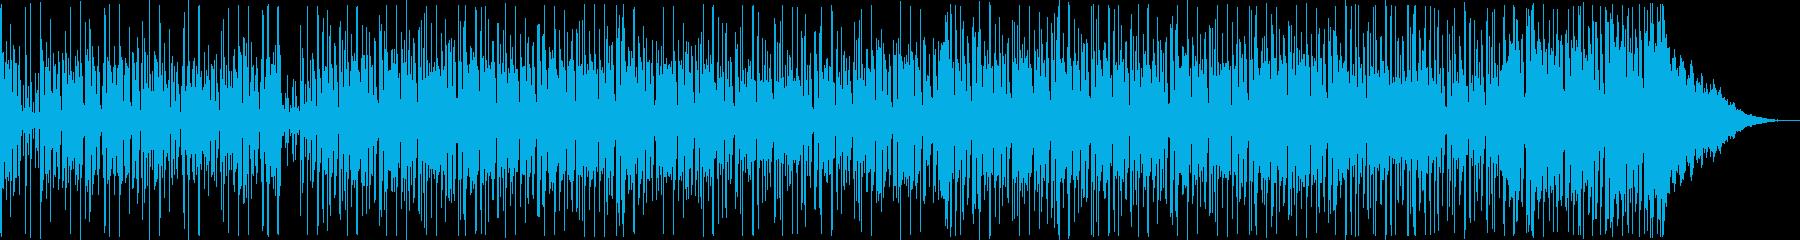 近未来的な疾走感あるテクノポップの再生済みの波形